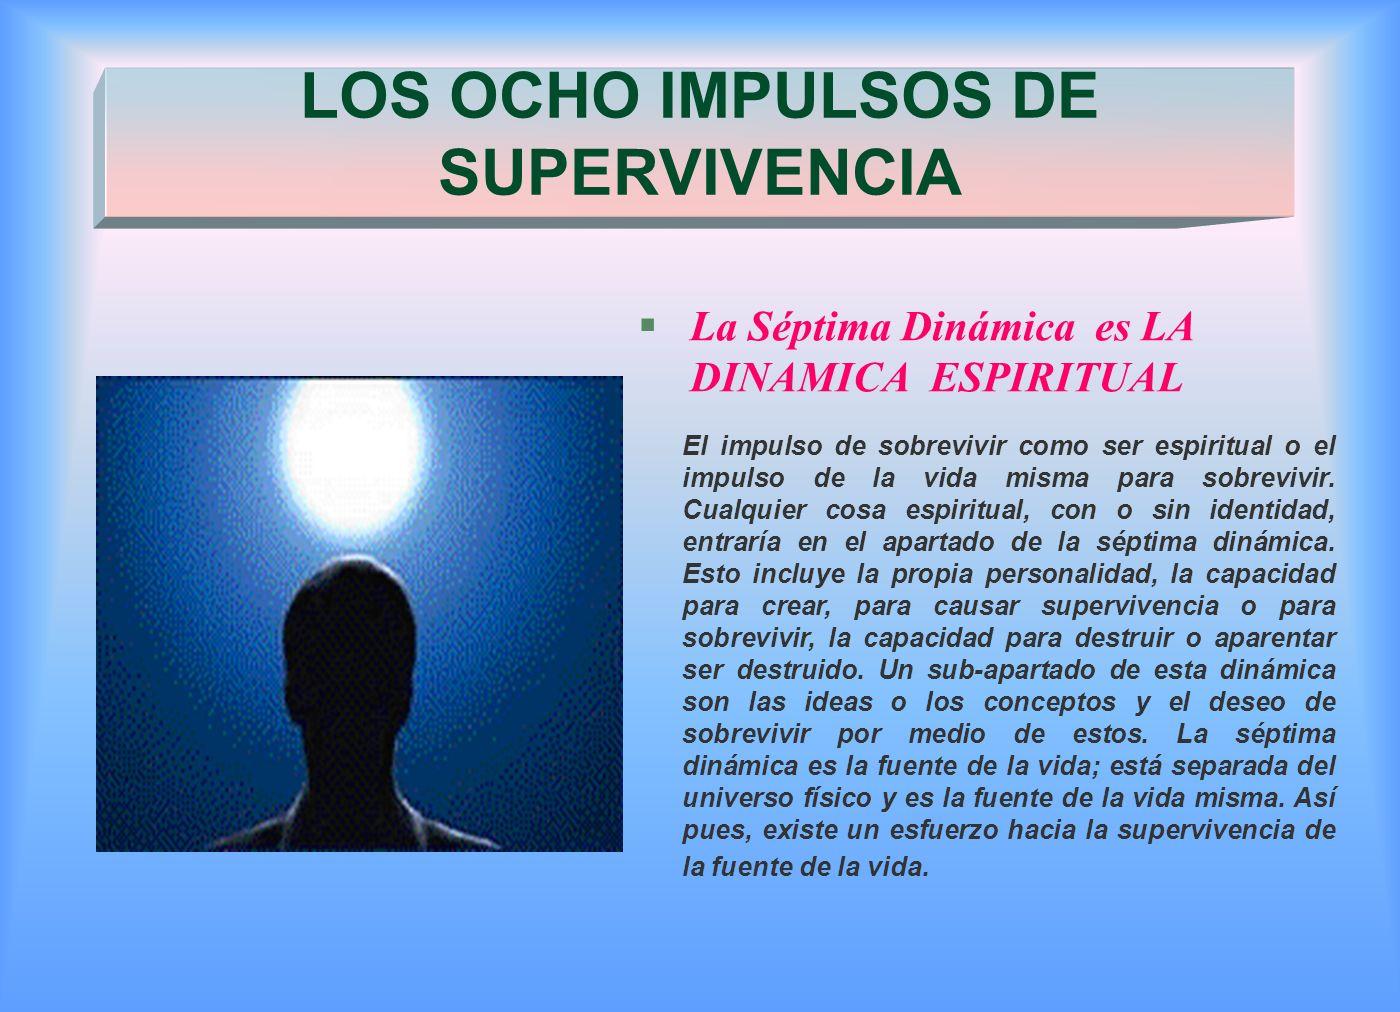 §La Séptima Dinámica es LA DINAMICA ESPIRITUAL LOS OCHO IMPULSOS DE SUPERVIVENCIA El impulso de sobrevivir como ser espiritual o el impulso de la vida misma para sobrevivir.